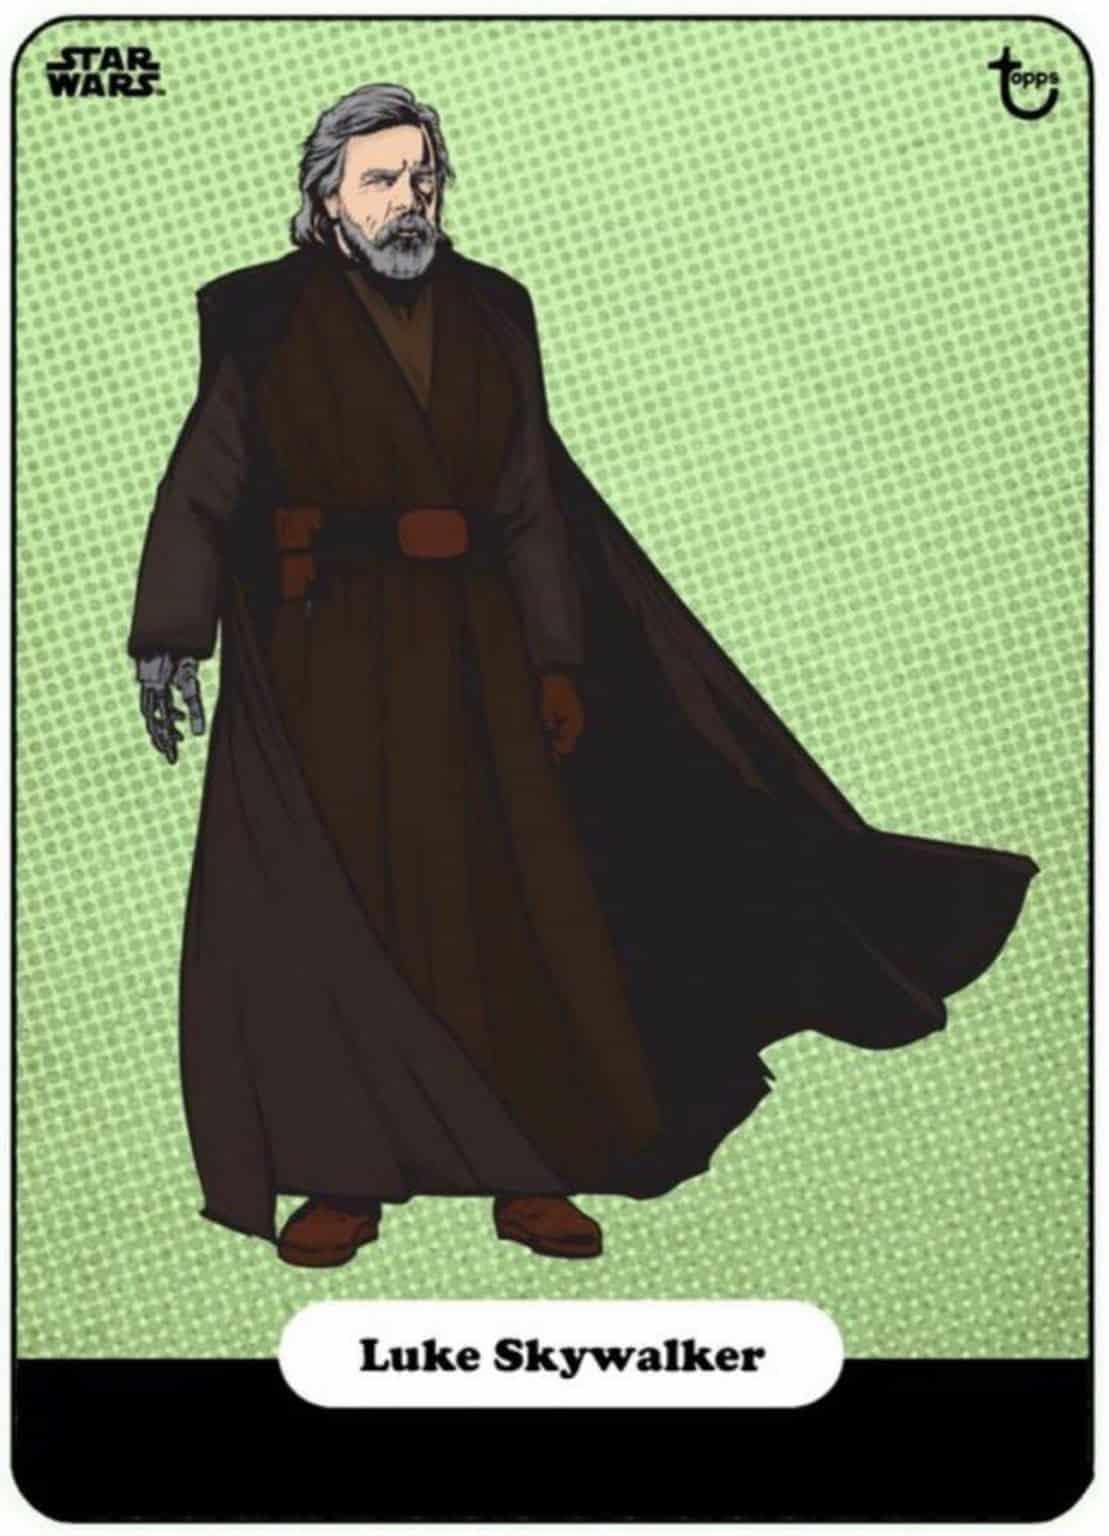 Gli ultimi Jedi: è questo il costume definitivo di Luke Skywalker?